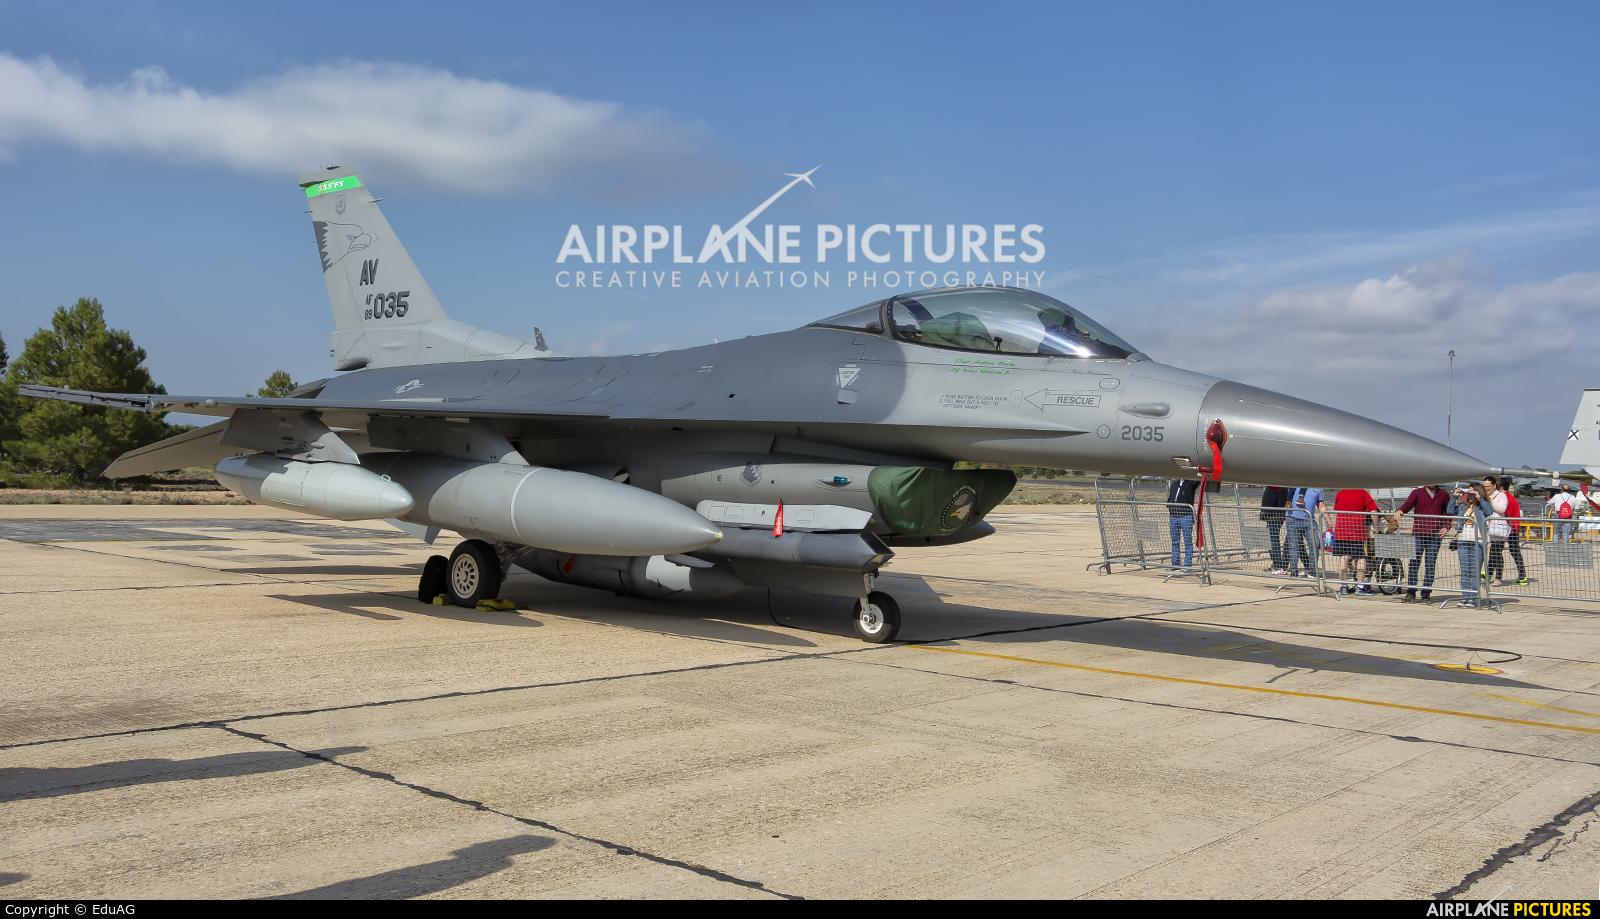 USA - Air Force 89-2035 aircraft at Albacete